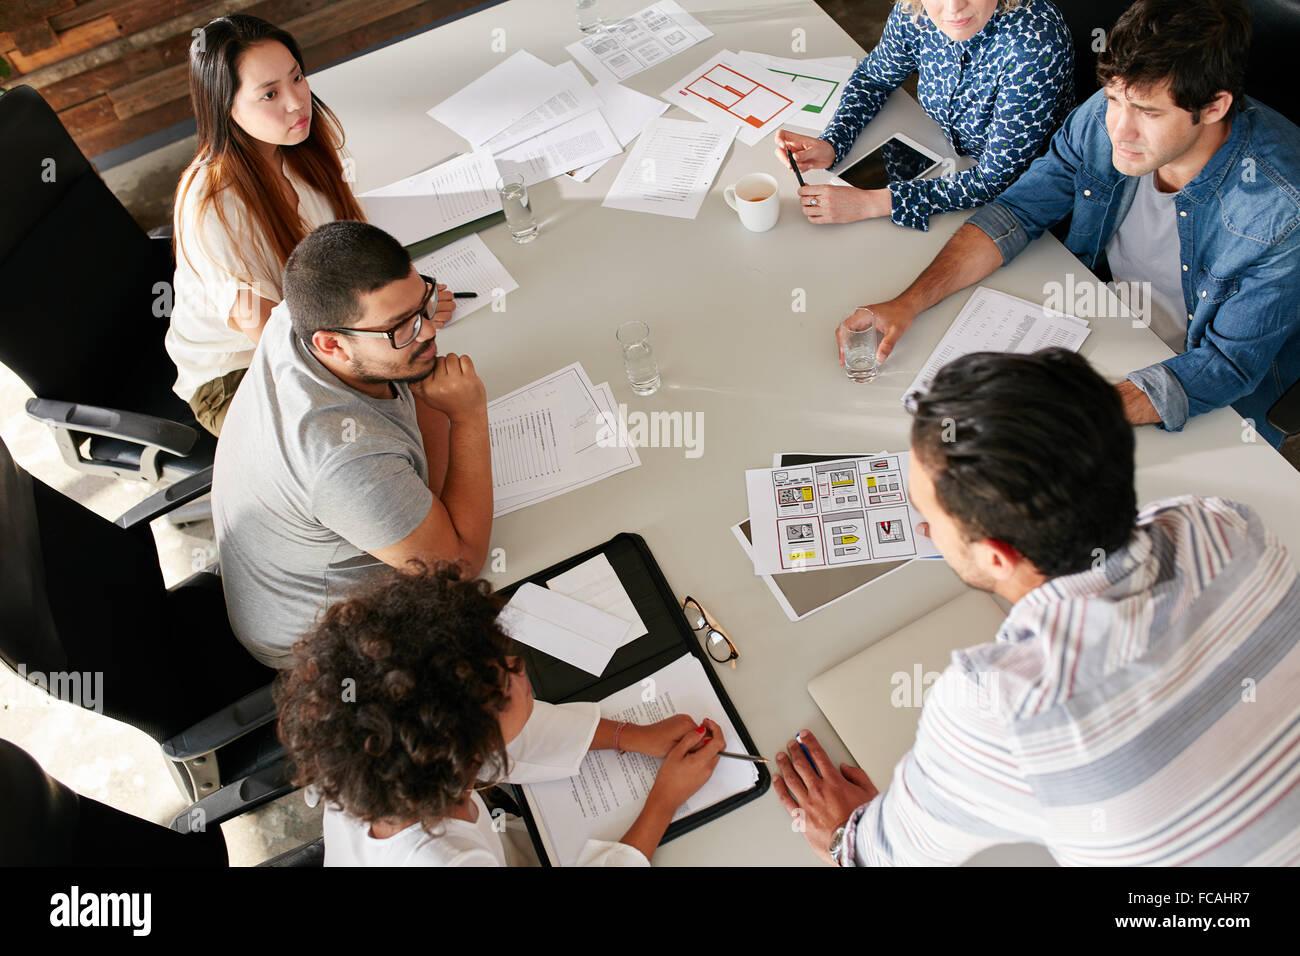 Angolo di alta vista del team Creative seduti attorno al tavolo per discutere idee di business. Razza mista team Immagini Stock